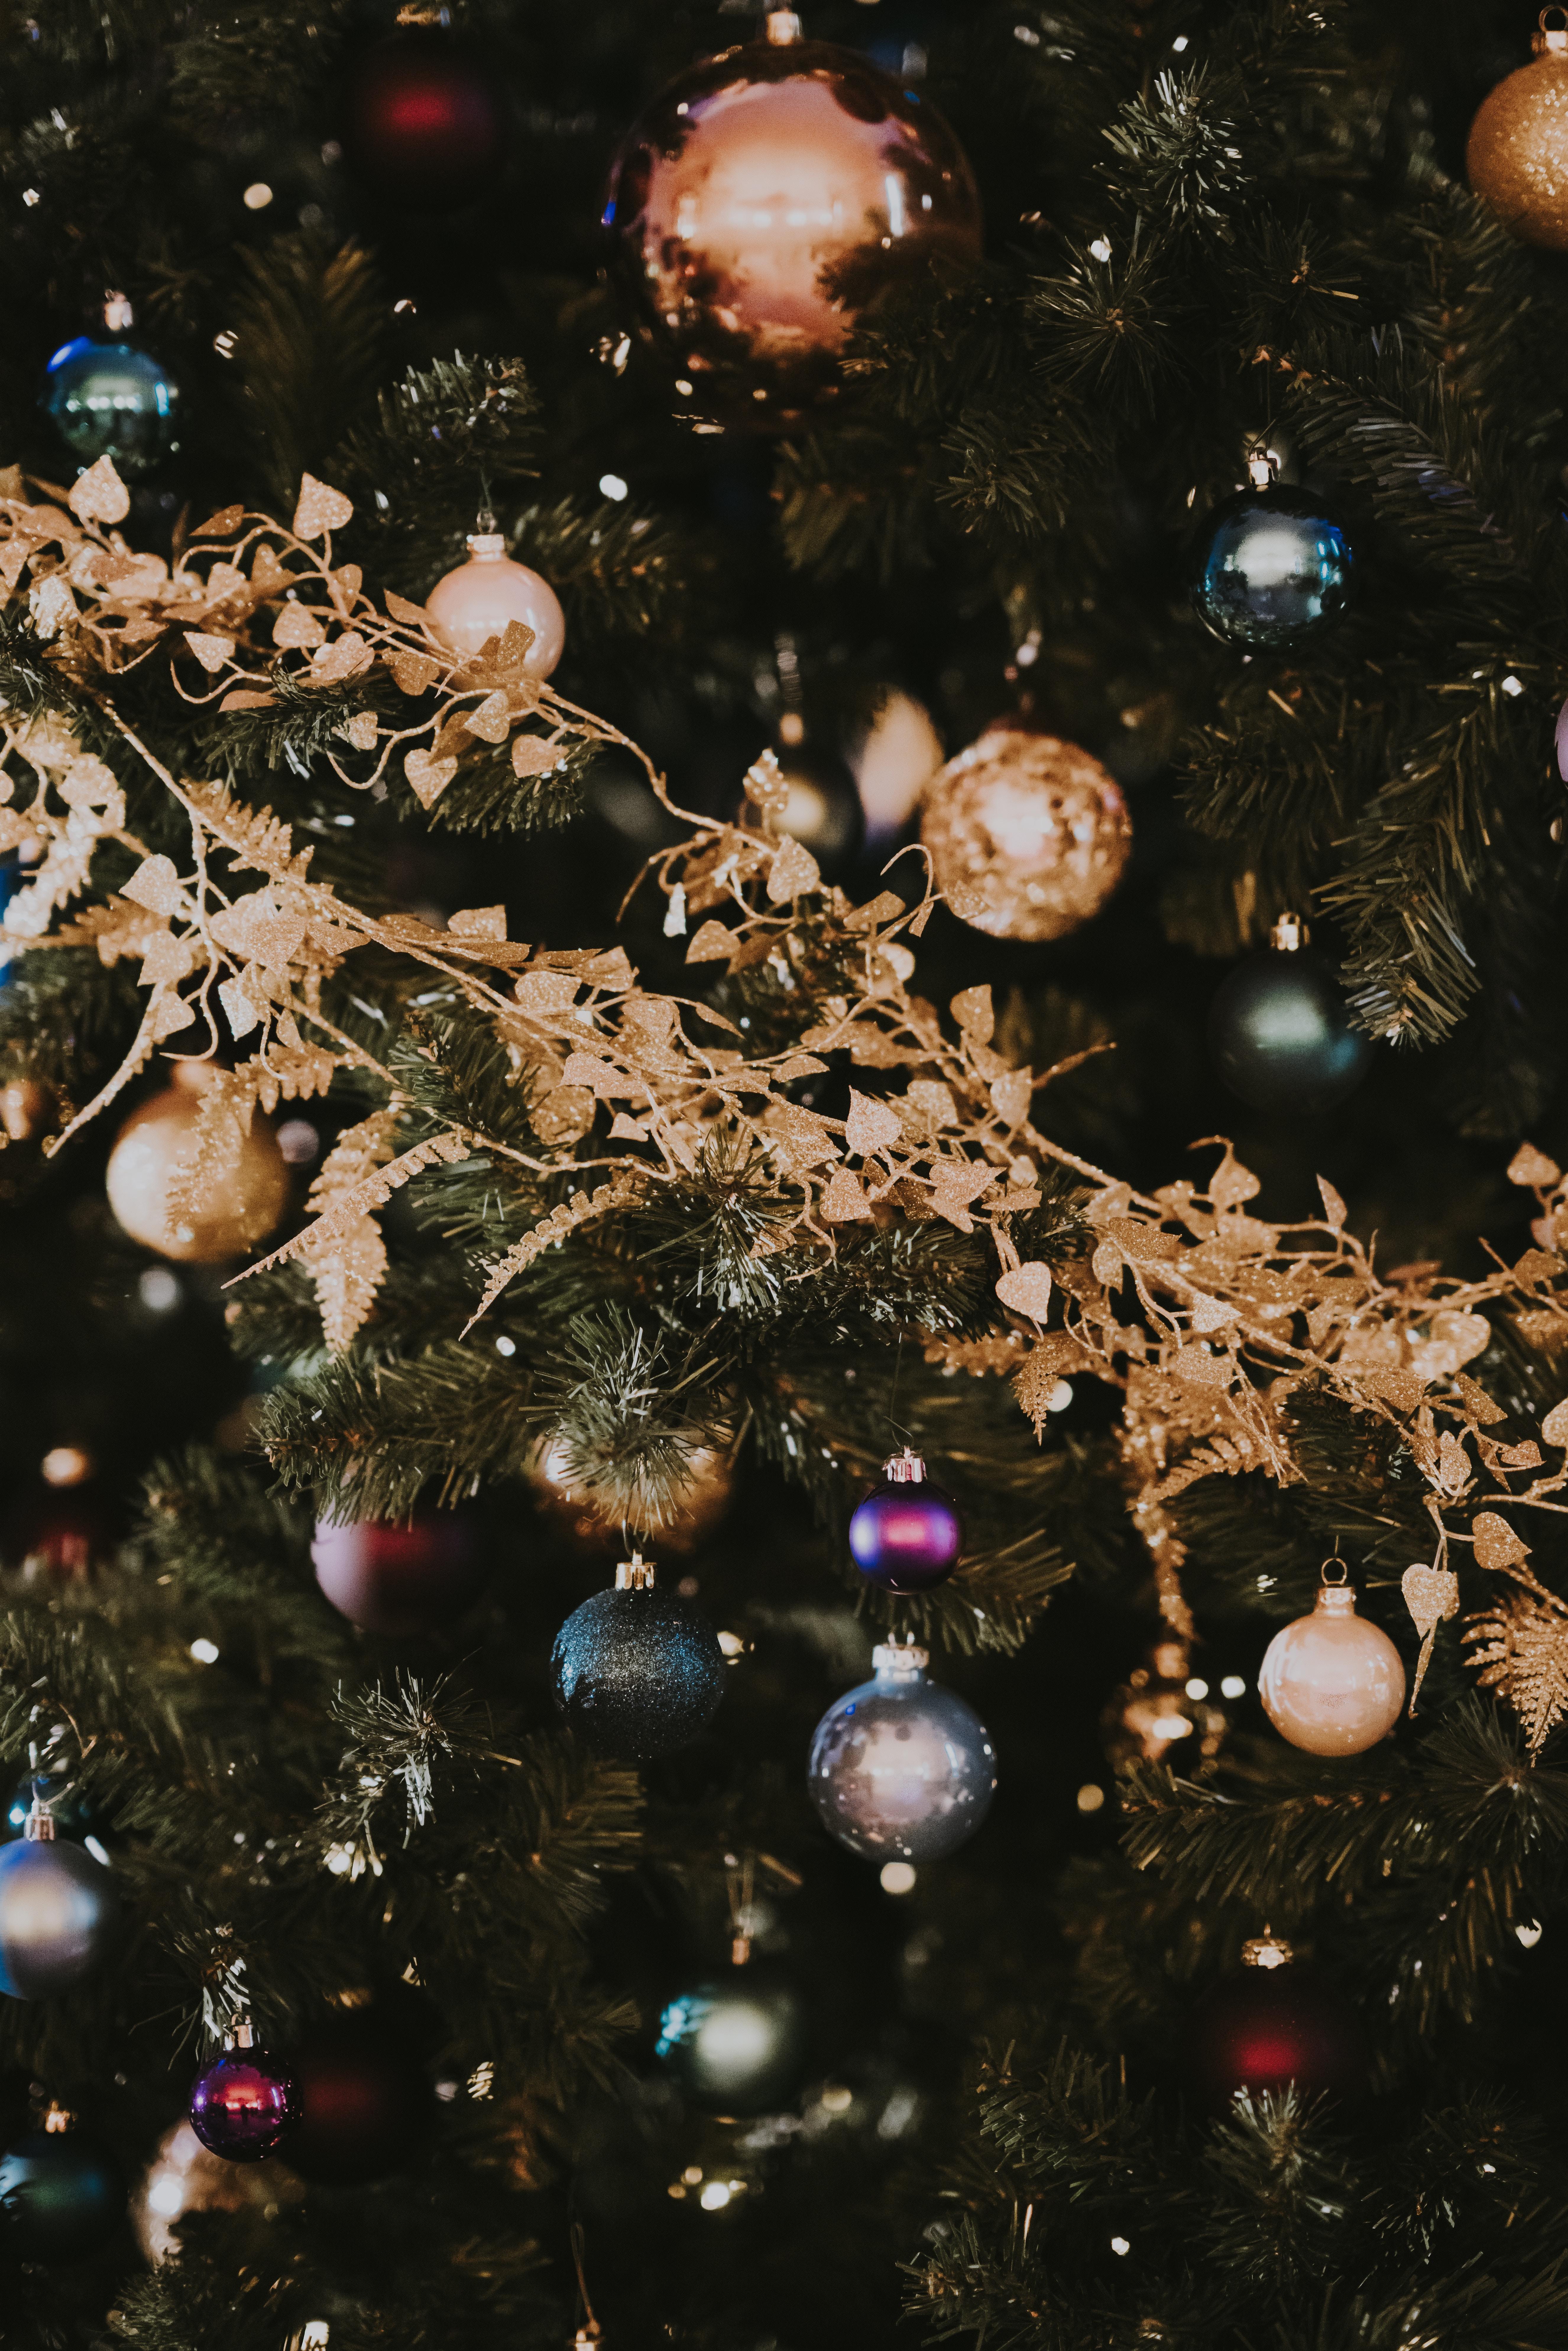 103012 Salvapantallas y fondos de pantalla Año Nuevo en tu teléfono. Descarga imágenes de Vacaciones, Decoraciones De Navidad, Juguetes De Árbol De Navidad, Año Nuevo, Navidad, Árbol De Navidad, Decoración, Buen Espíritu De Año Nuevo, Estado De Ánimo De Año Nuevo gratis